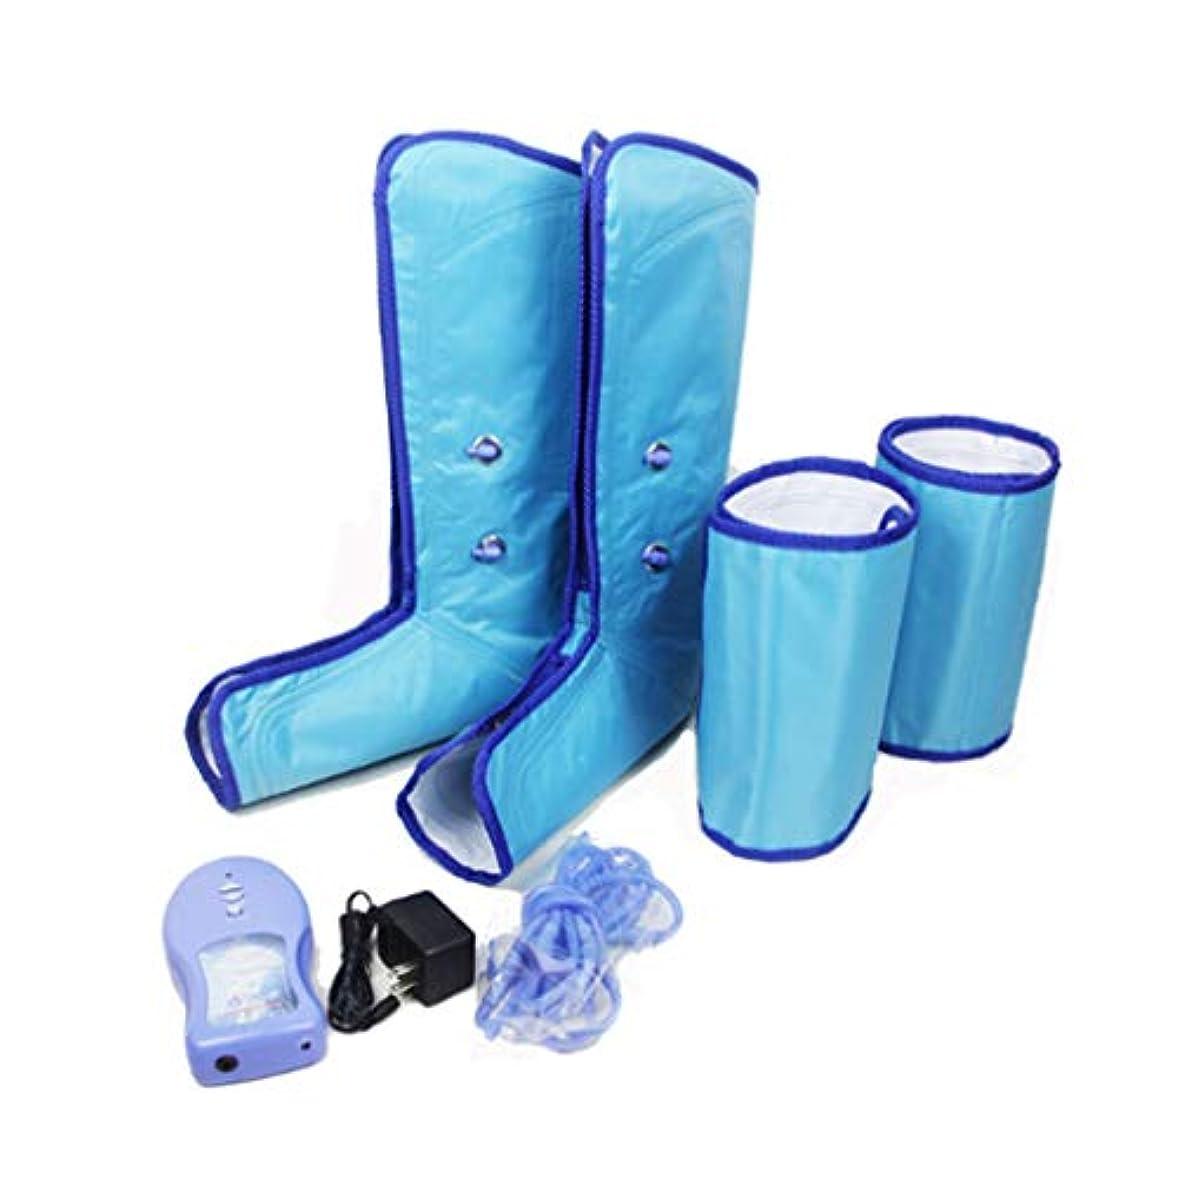 販売計画スポーツマンかる循環および筋肉苦痛救助のための空気圧縮の足覆いのマッサージャー、足のふくらはぎおよび腿の循環のMassagetherapyの足の暖かい人